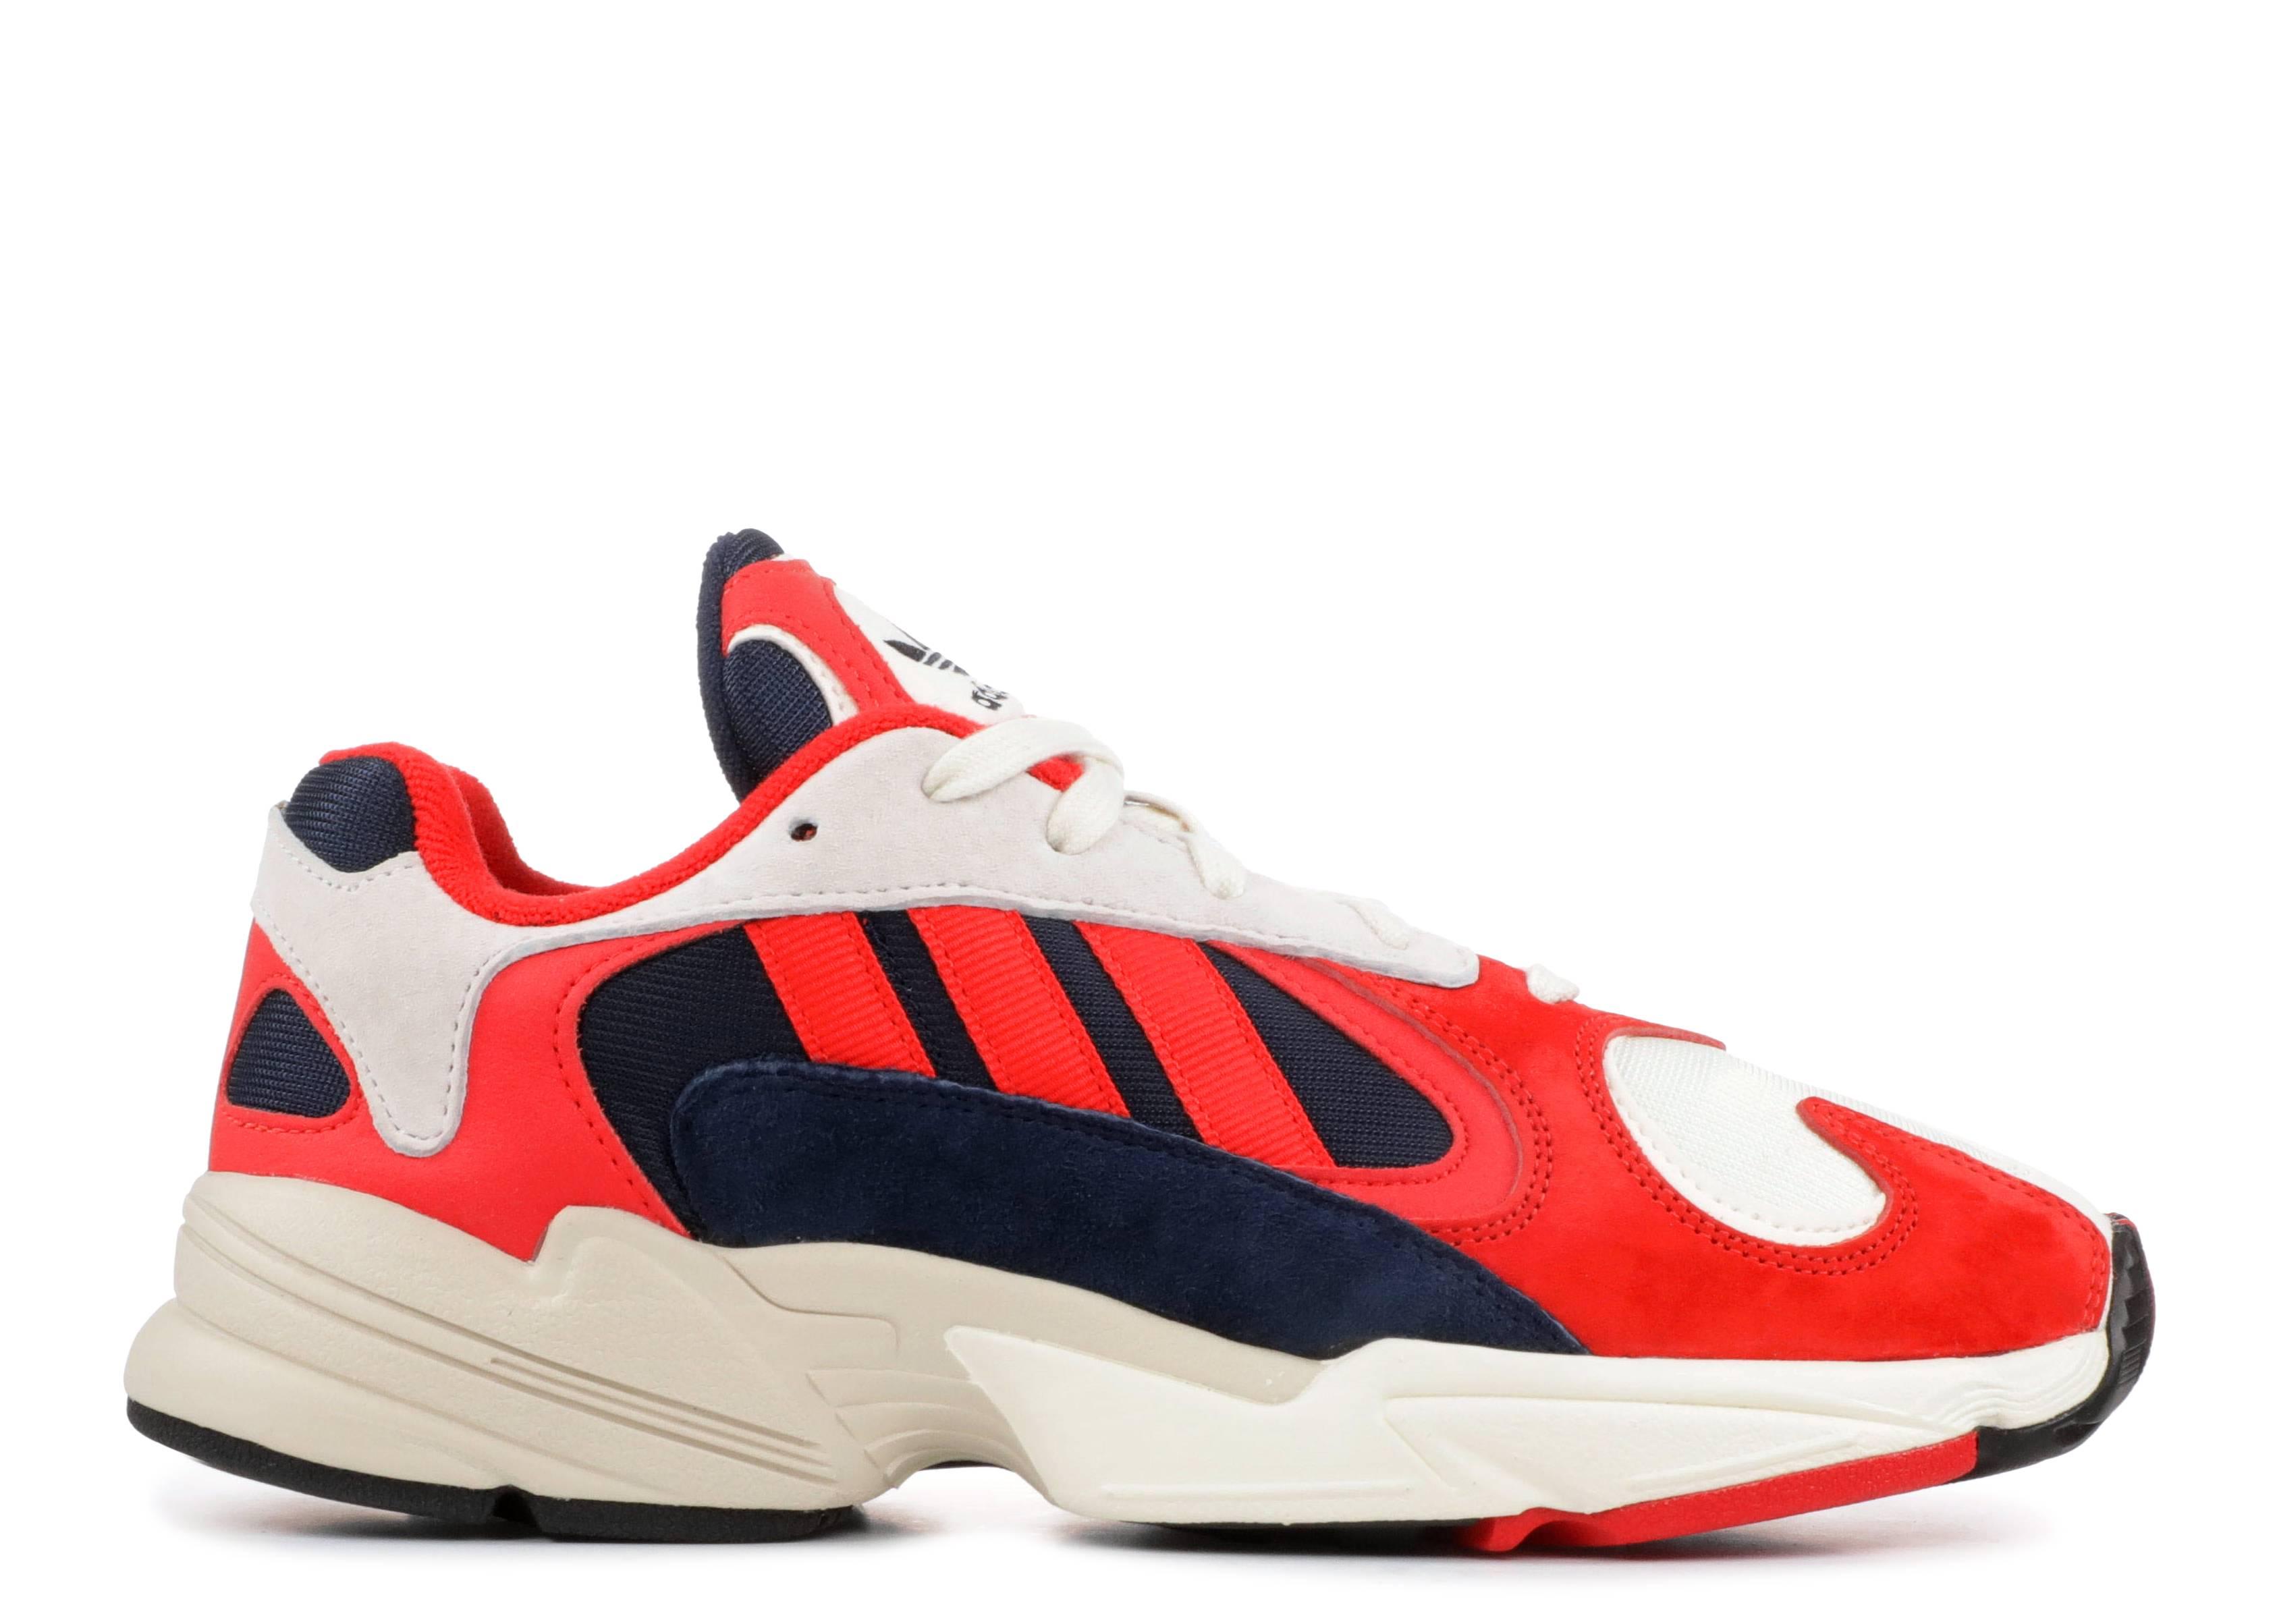 bf09195b15e0 Yung-1 - Adidas - b37615 - cwhite cblack conavy